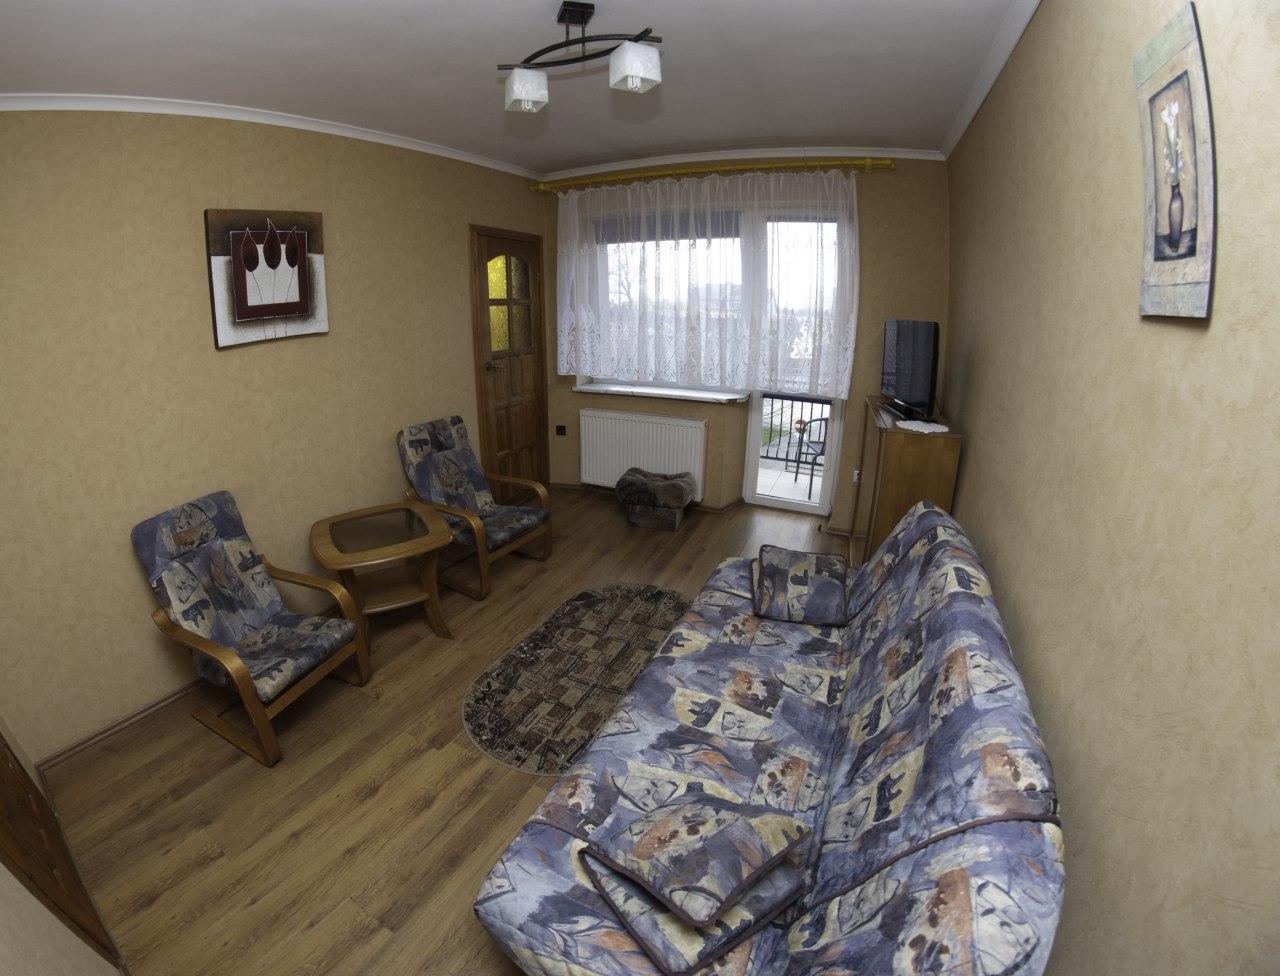 10-pokój 4 osobowy z balkonem